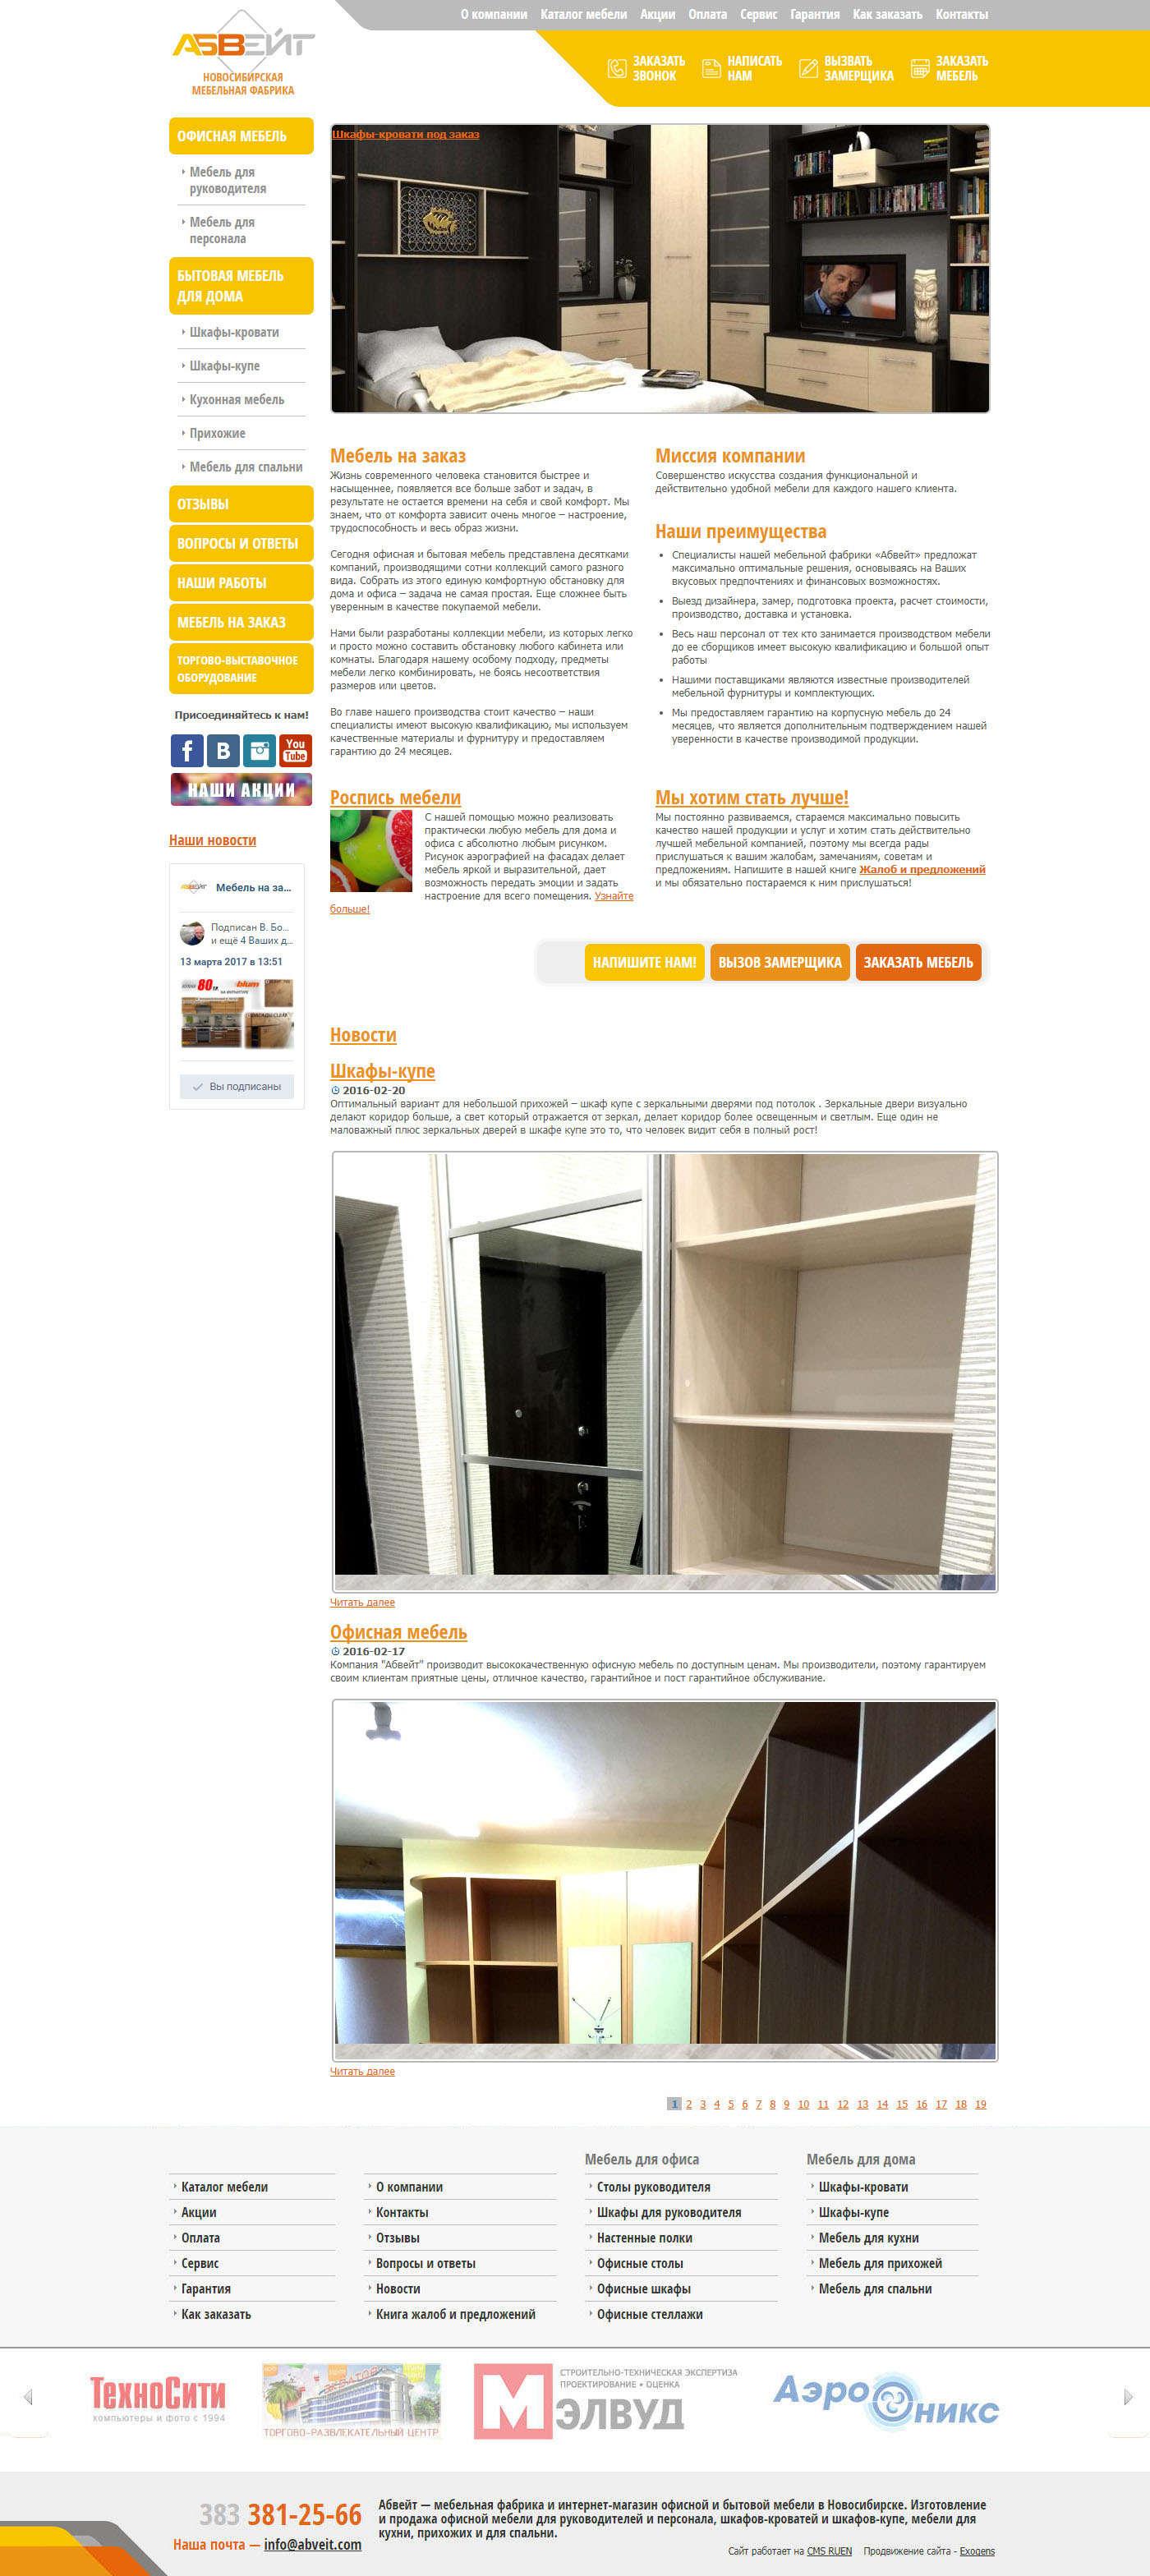 Скриншот сайта abveit.com